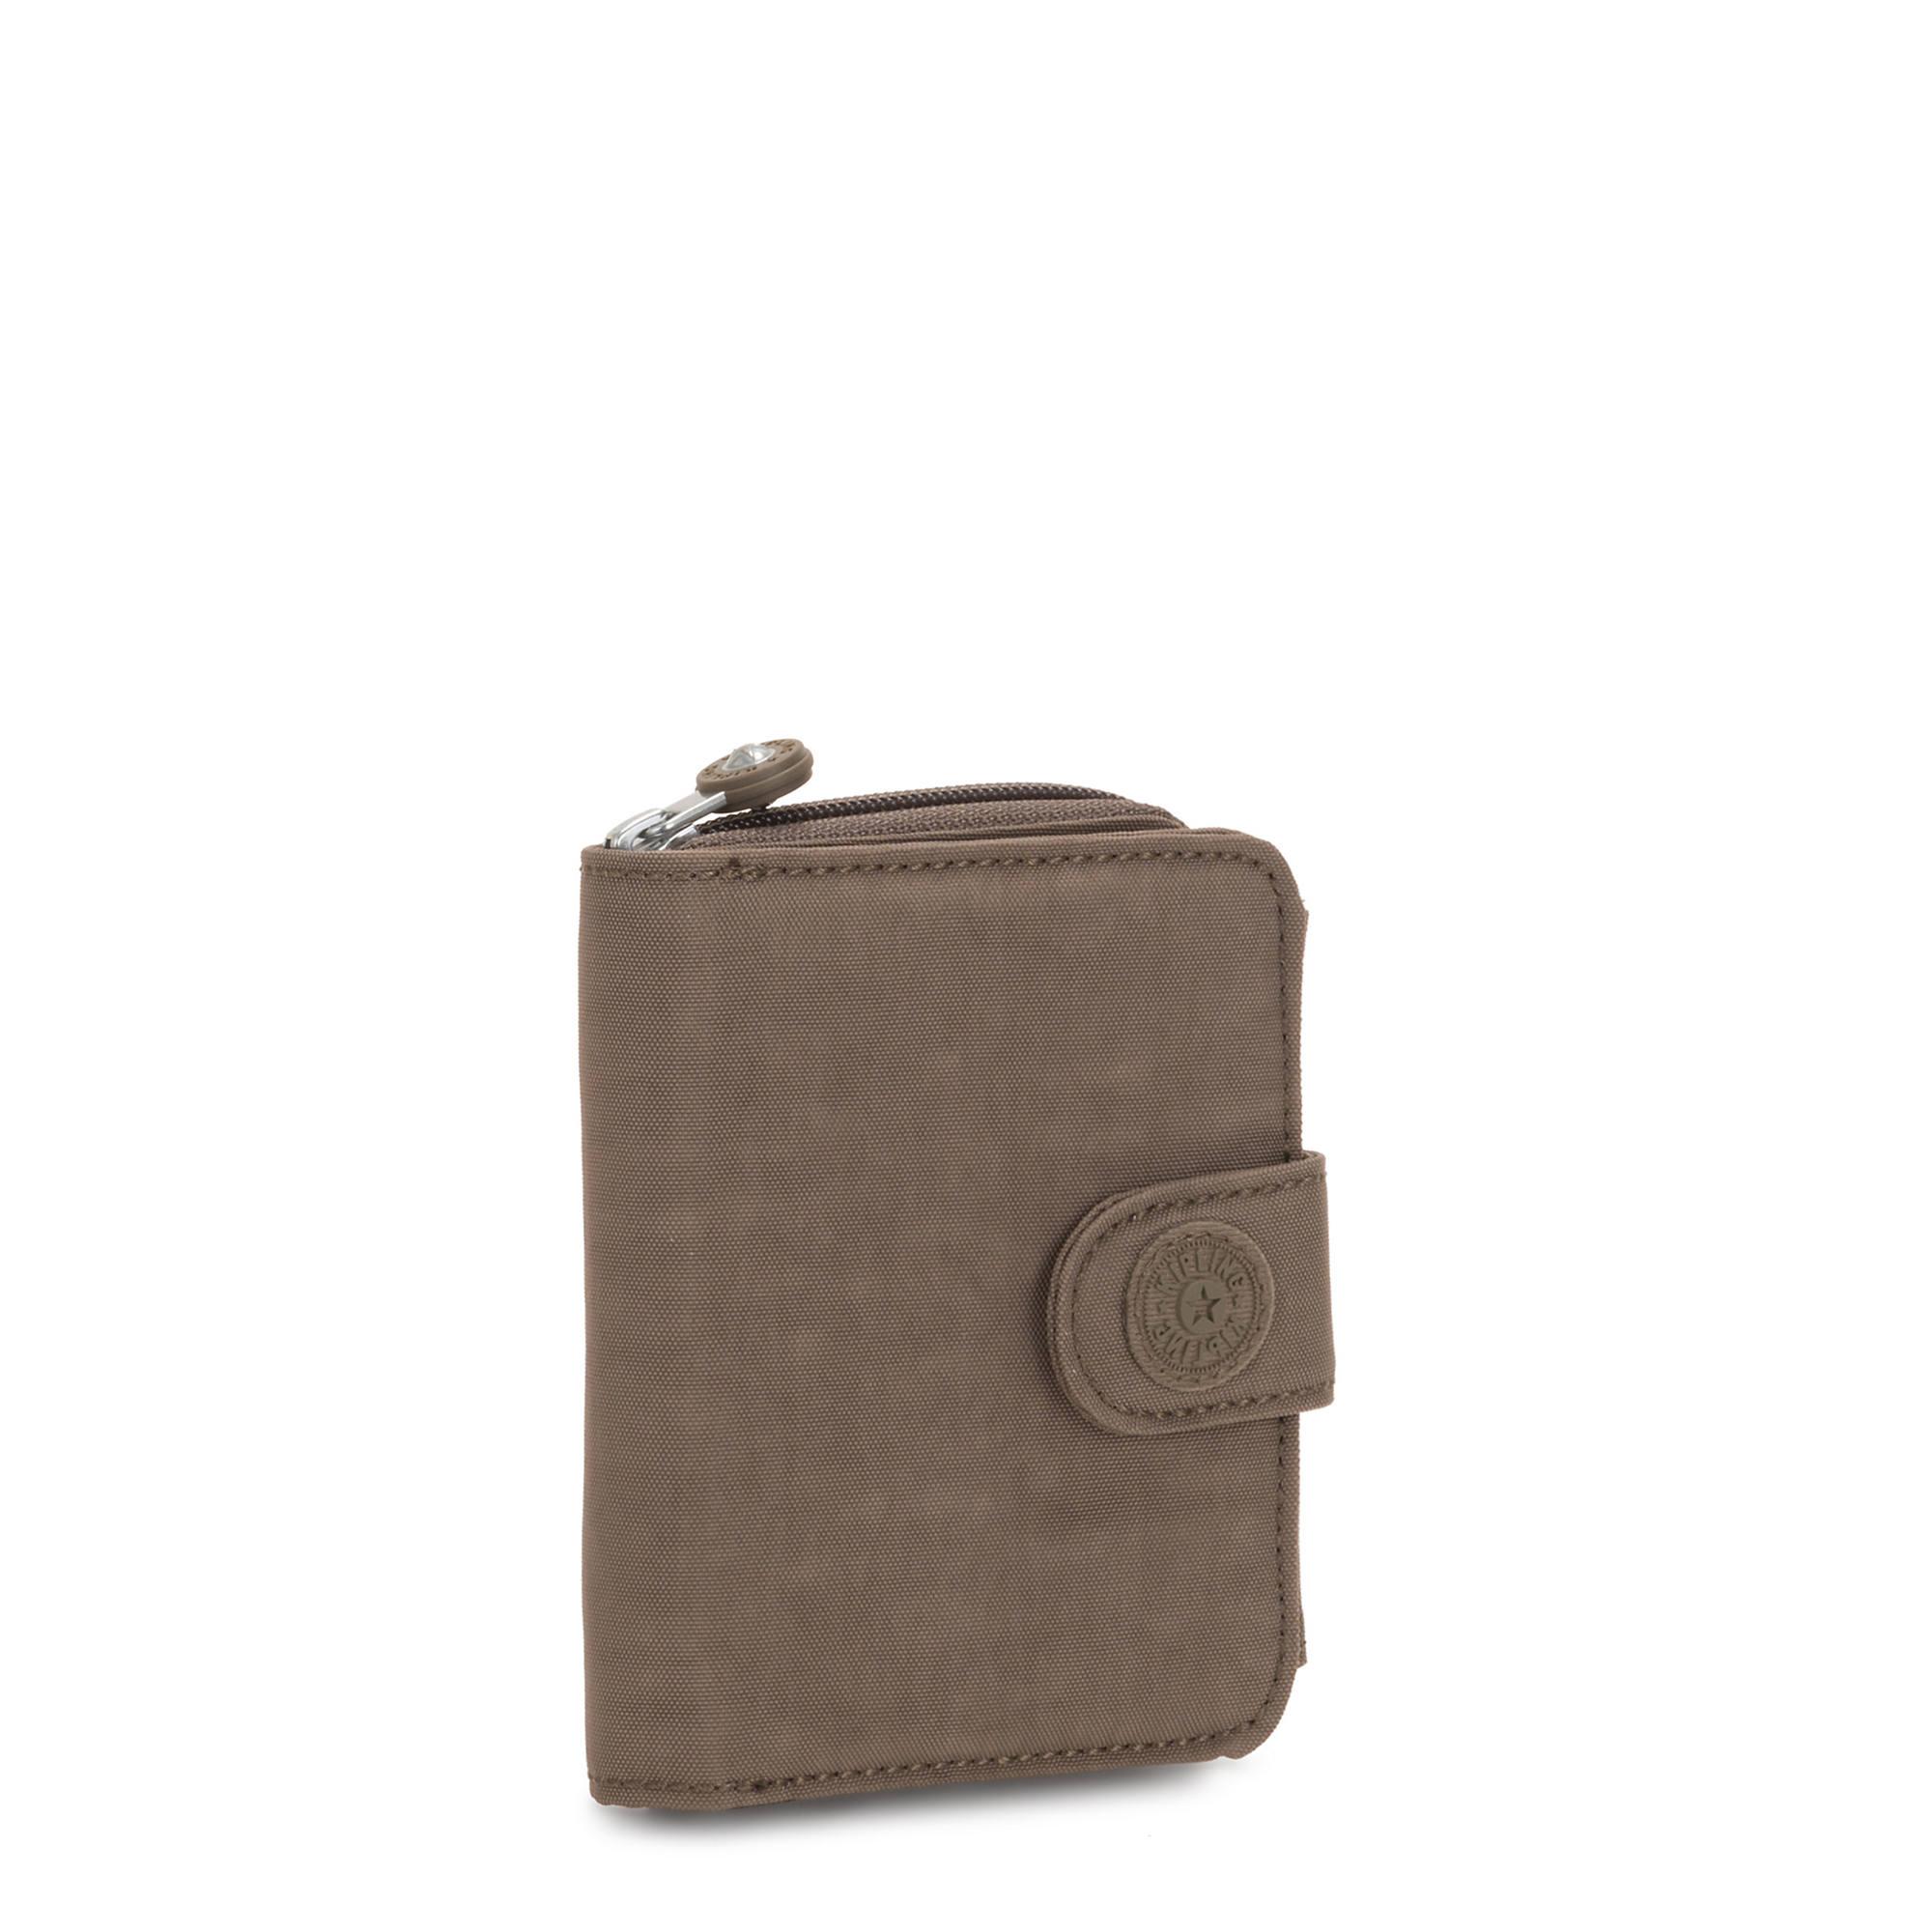 Kipling-New-Money-Small-Printed-Credit-Card-Wallet thumbnail 26